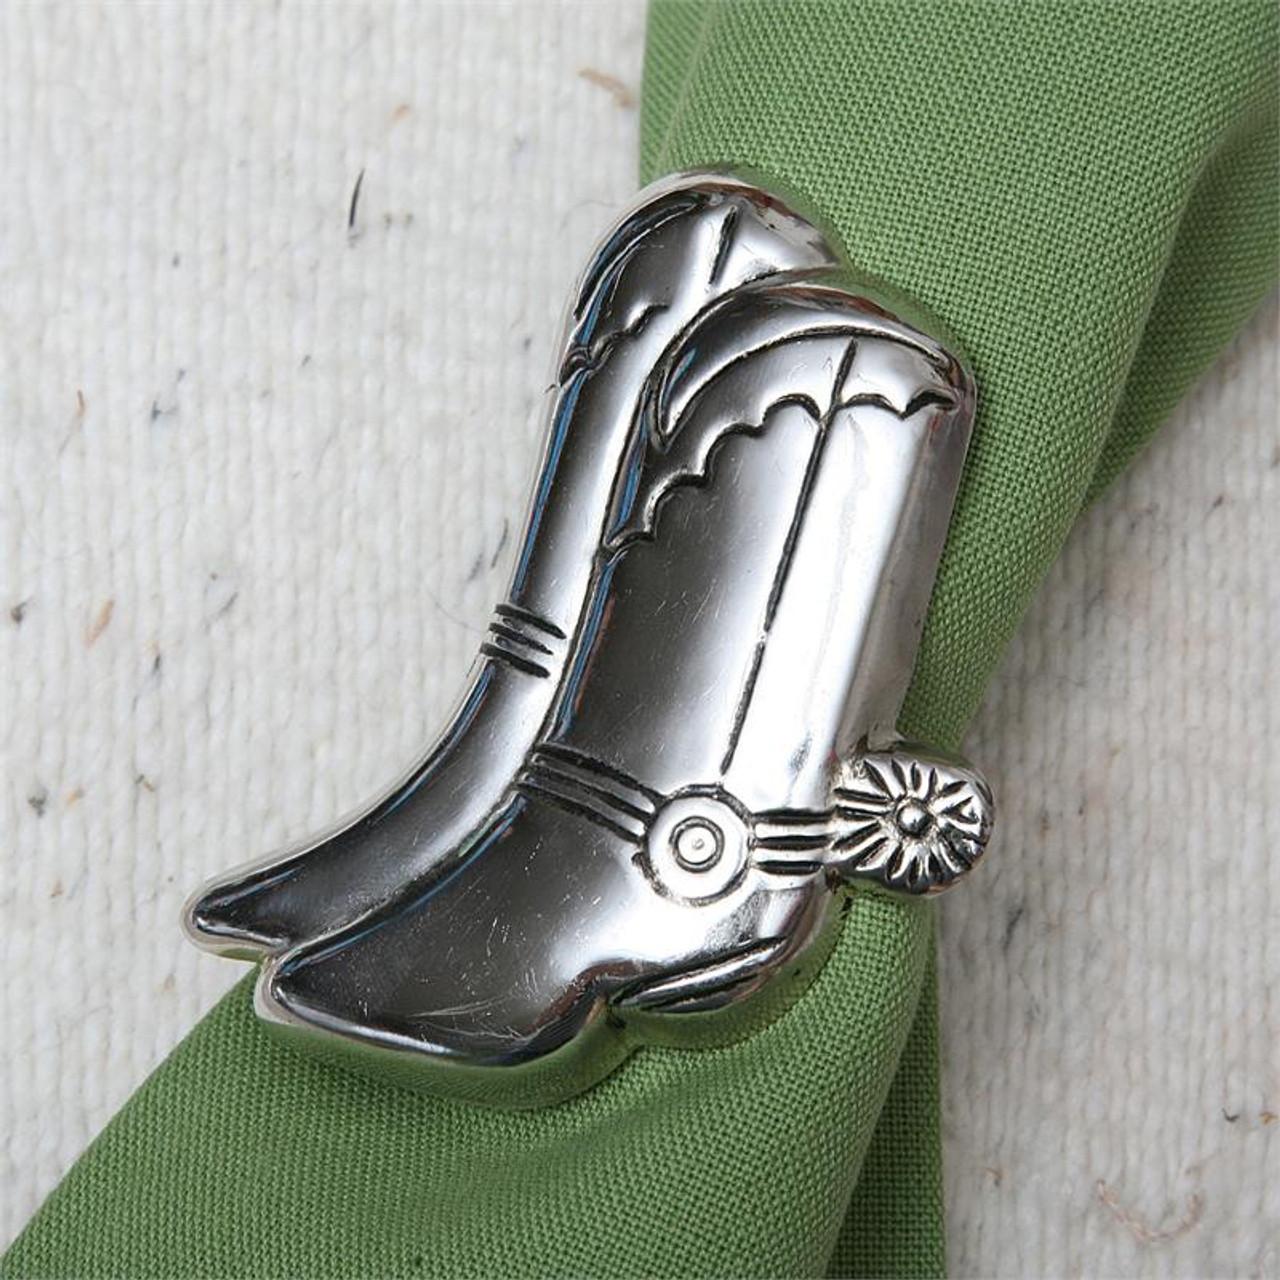 Cowboy Boots Napkin Ring